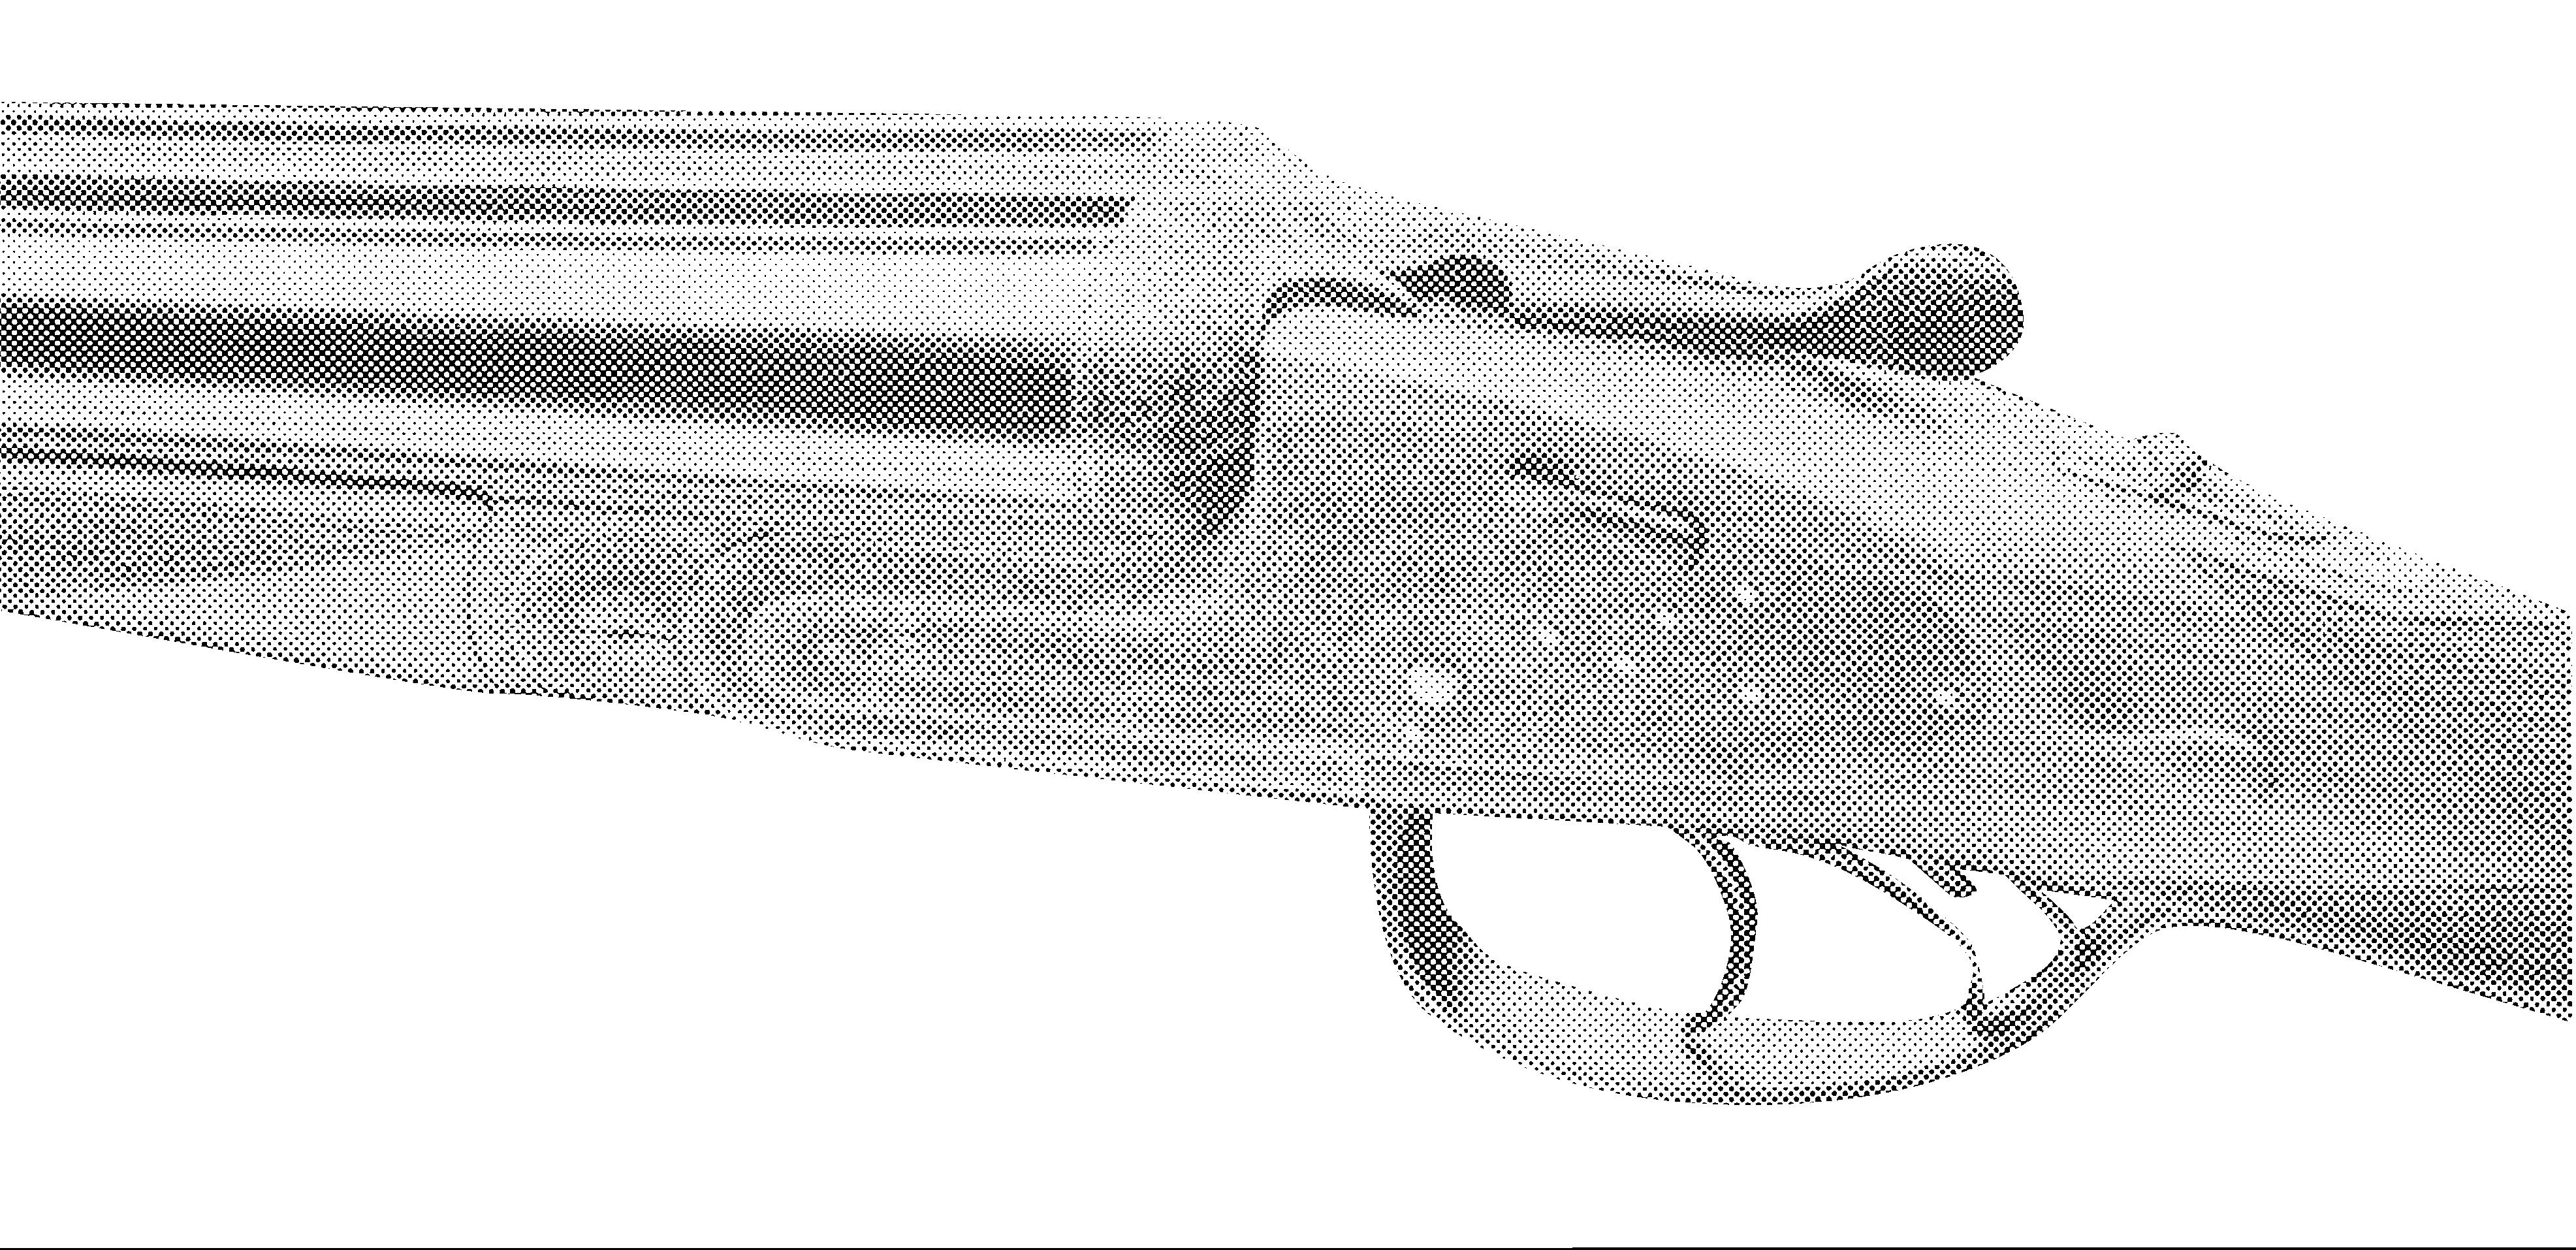 Model No. 2